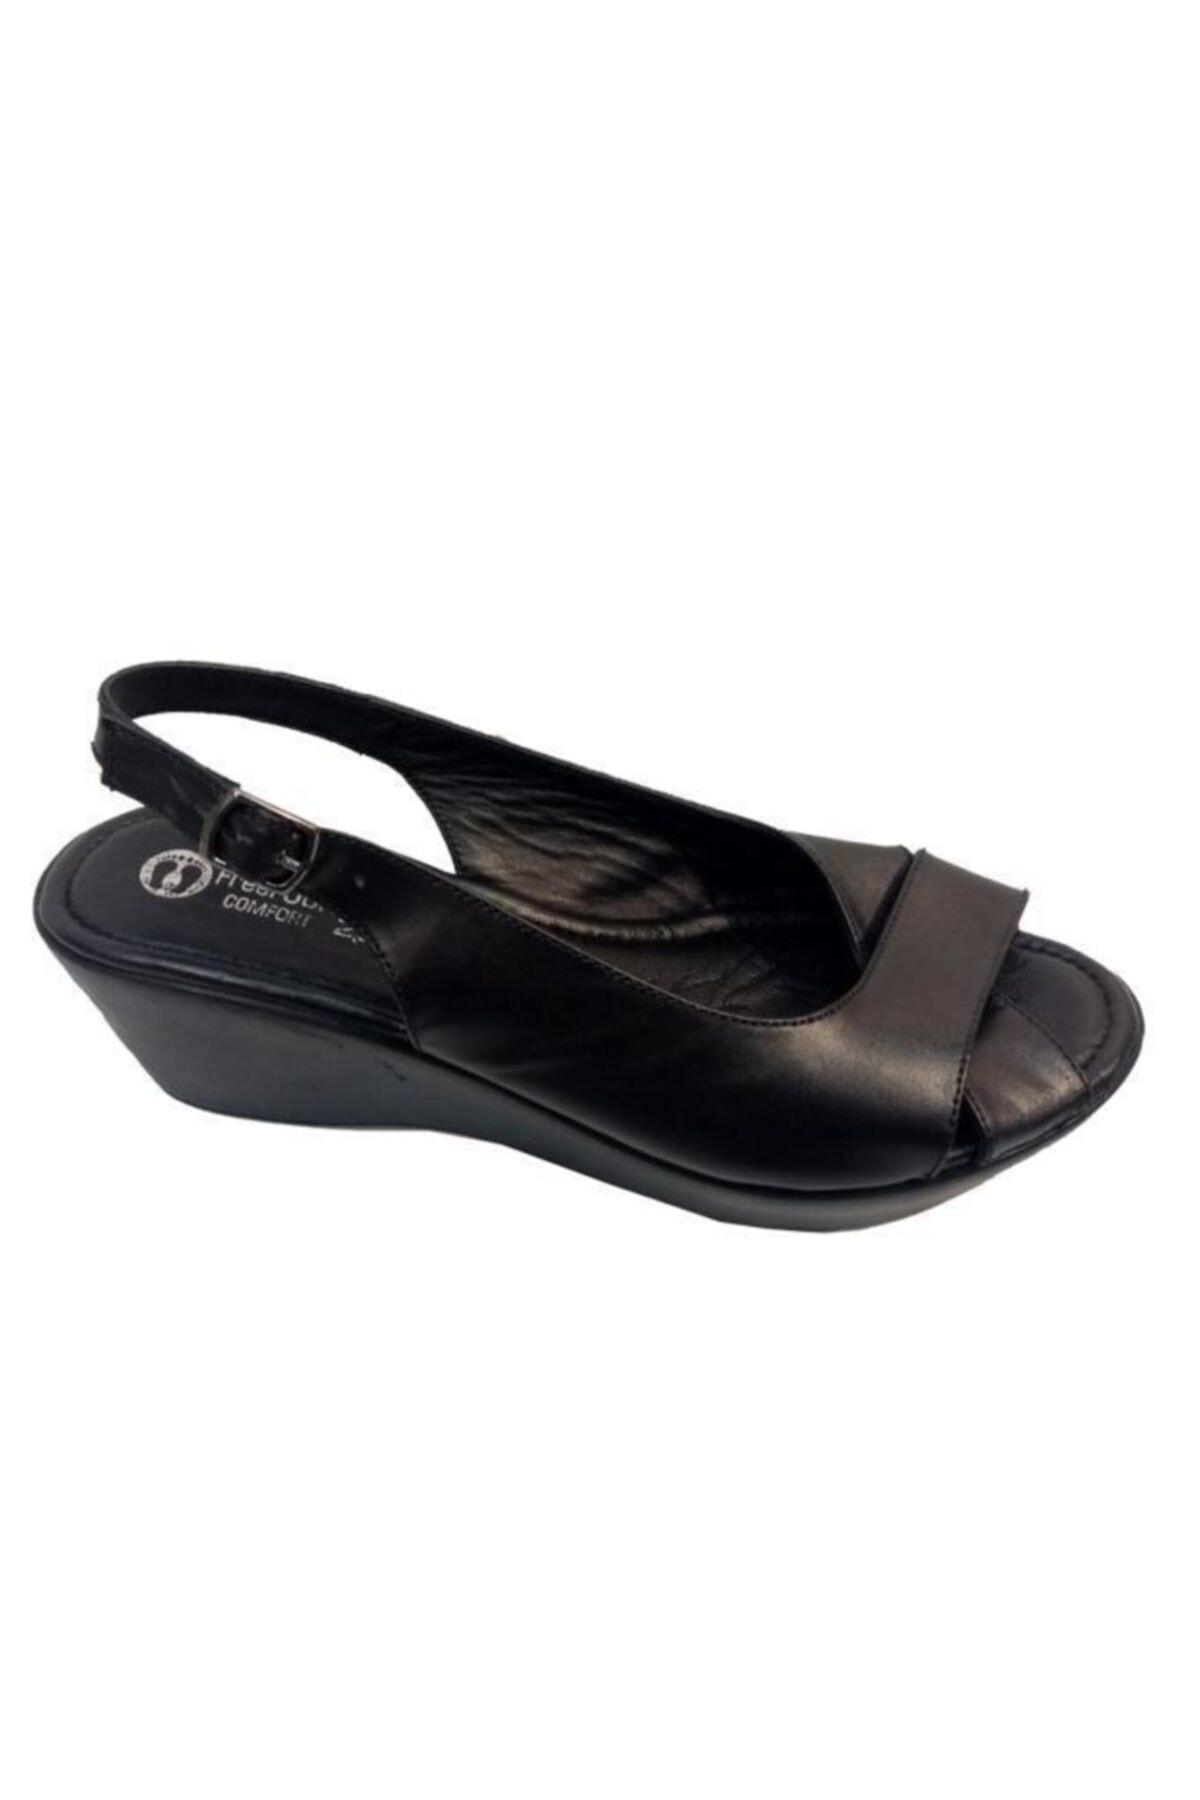 FREEFOUR Kadın Siyah Sandalet